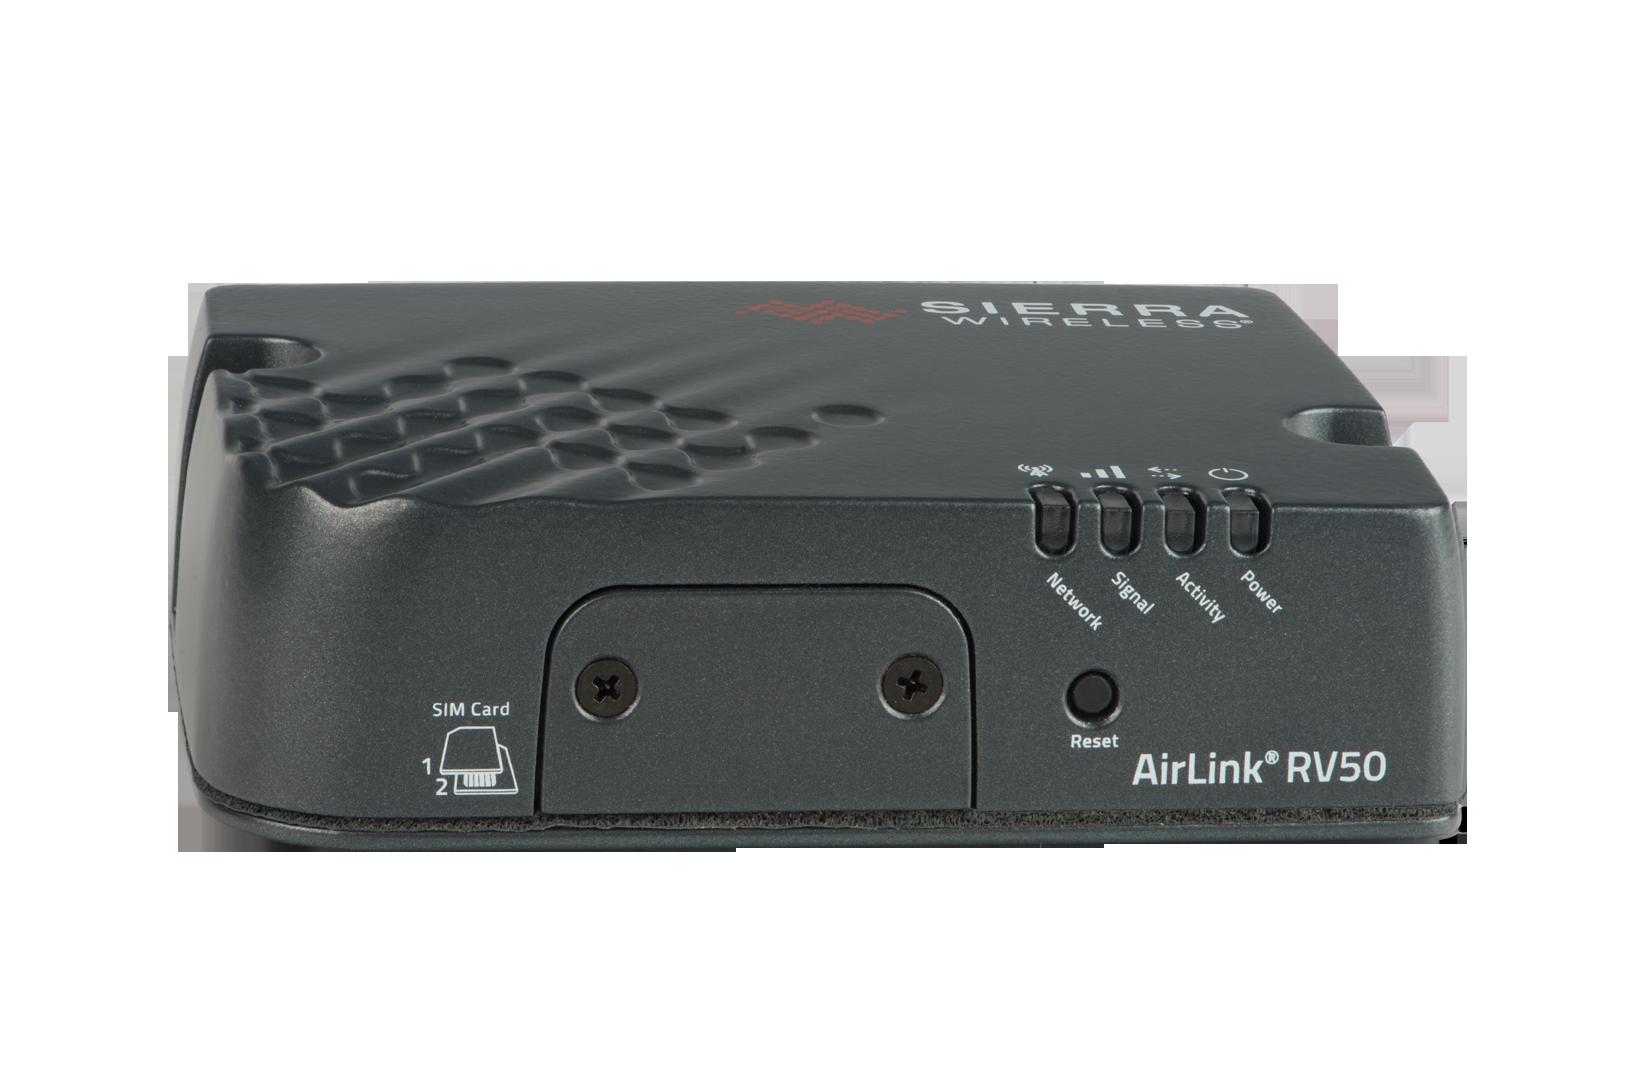 Sierra Wireless AirLink Raven RV50